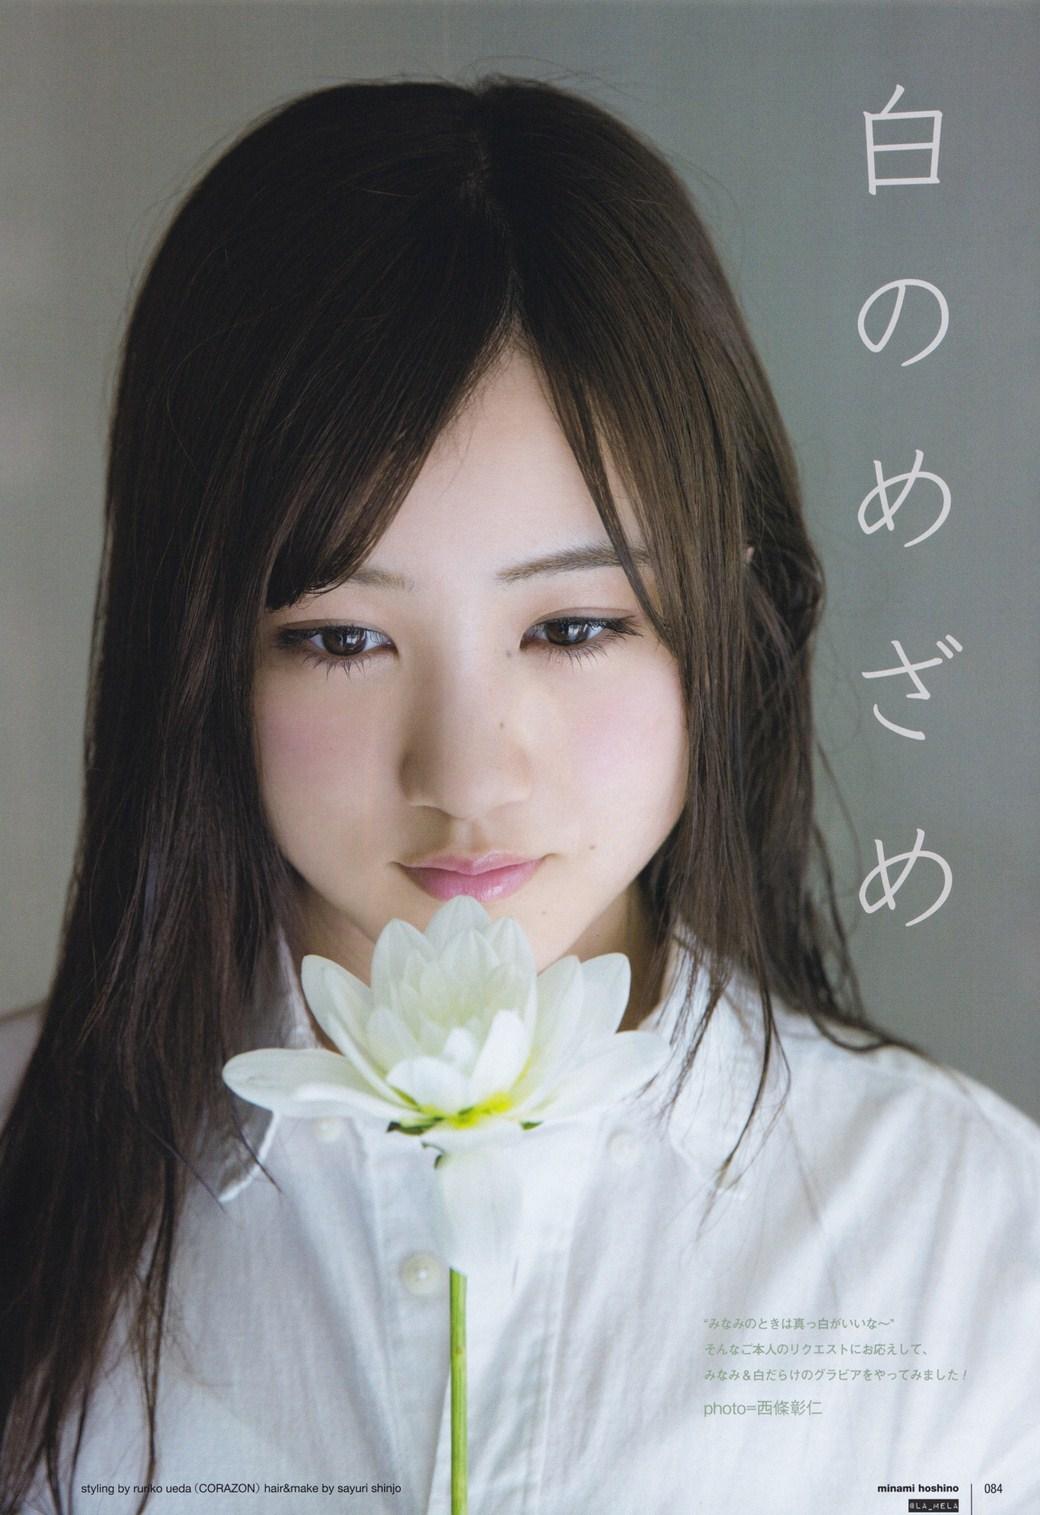 Hoshino Minami 星野みなみ Nogizaka46, UTB Magazine Vol.243 Gravure